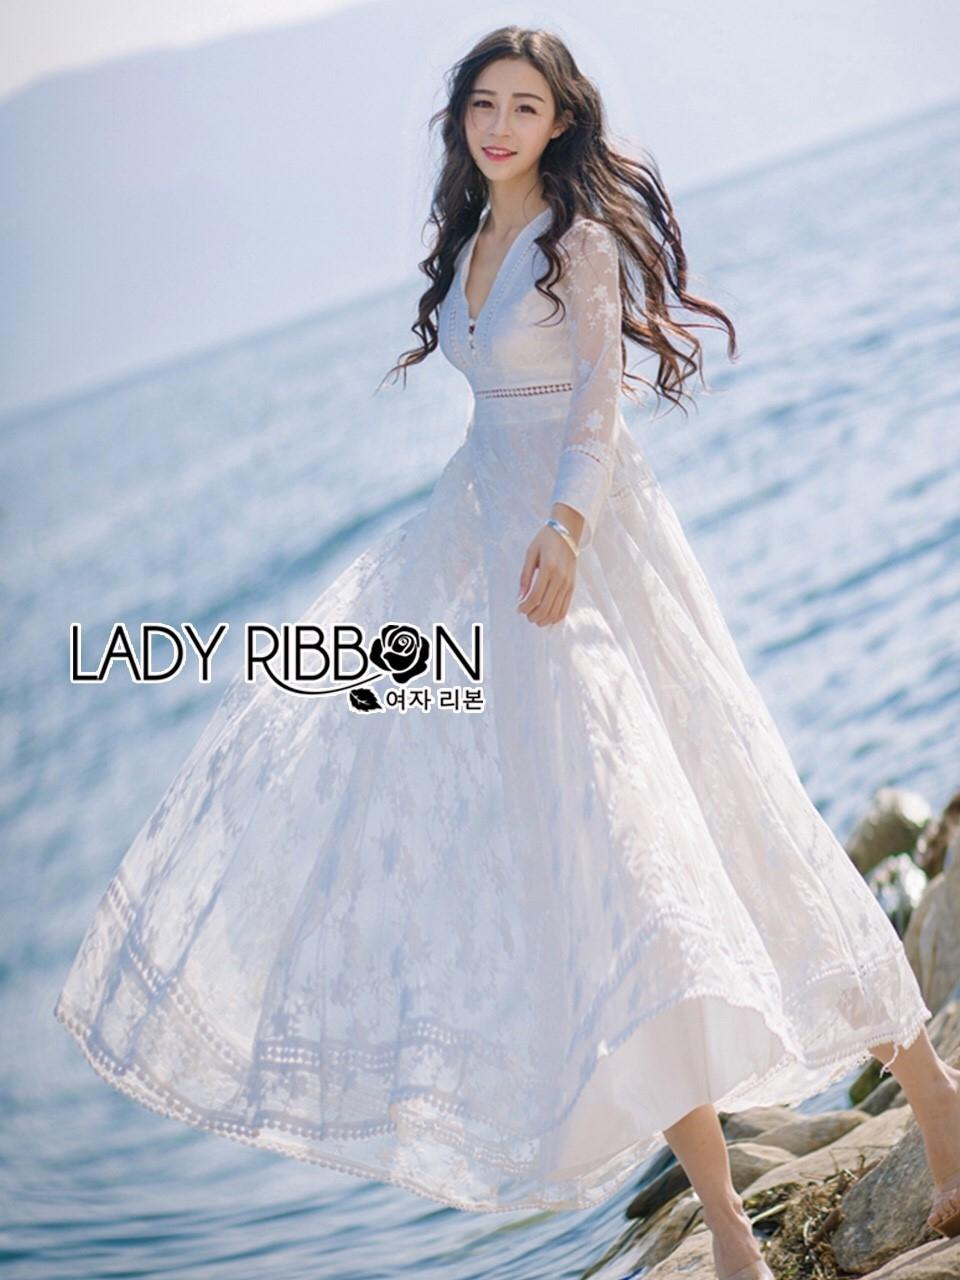 ชุดเดรสเกาหลี พร้อมส่งเดรสผ้าคอตตอนสีขาวปักลายดอกไม้สไตล์ลำลองสุดหวาน